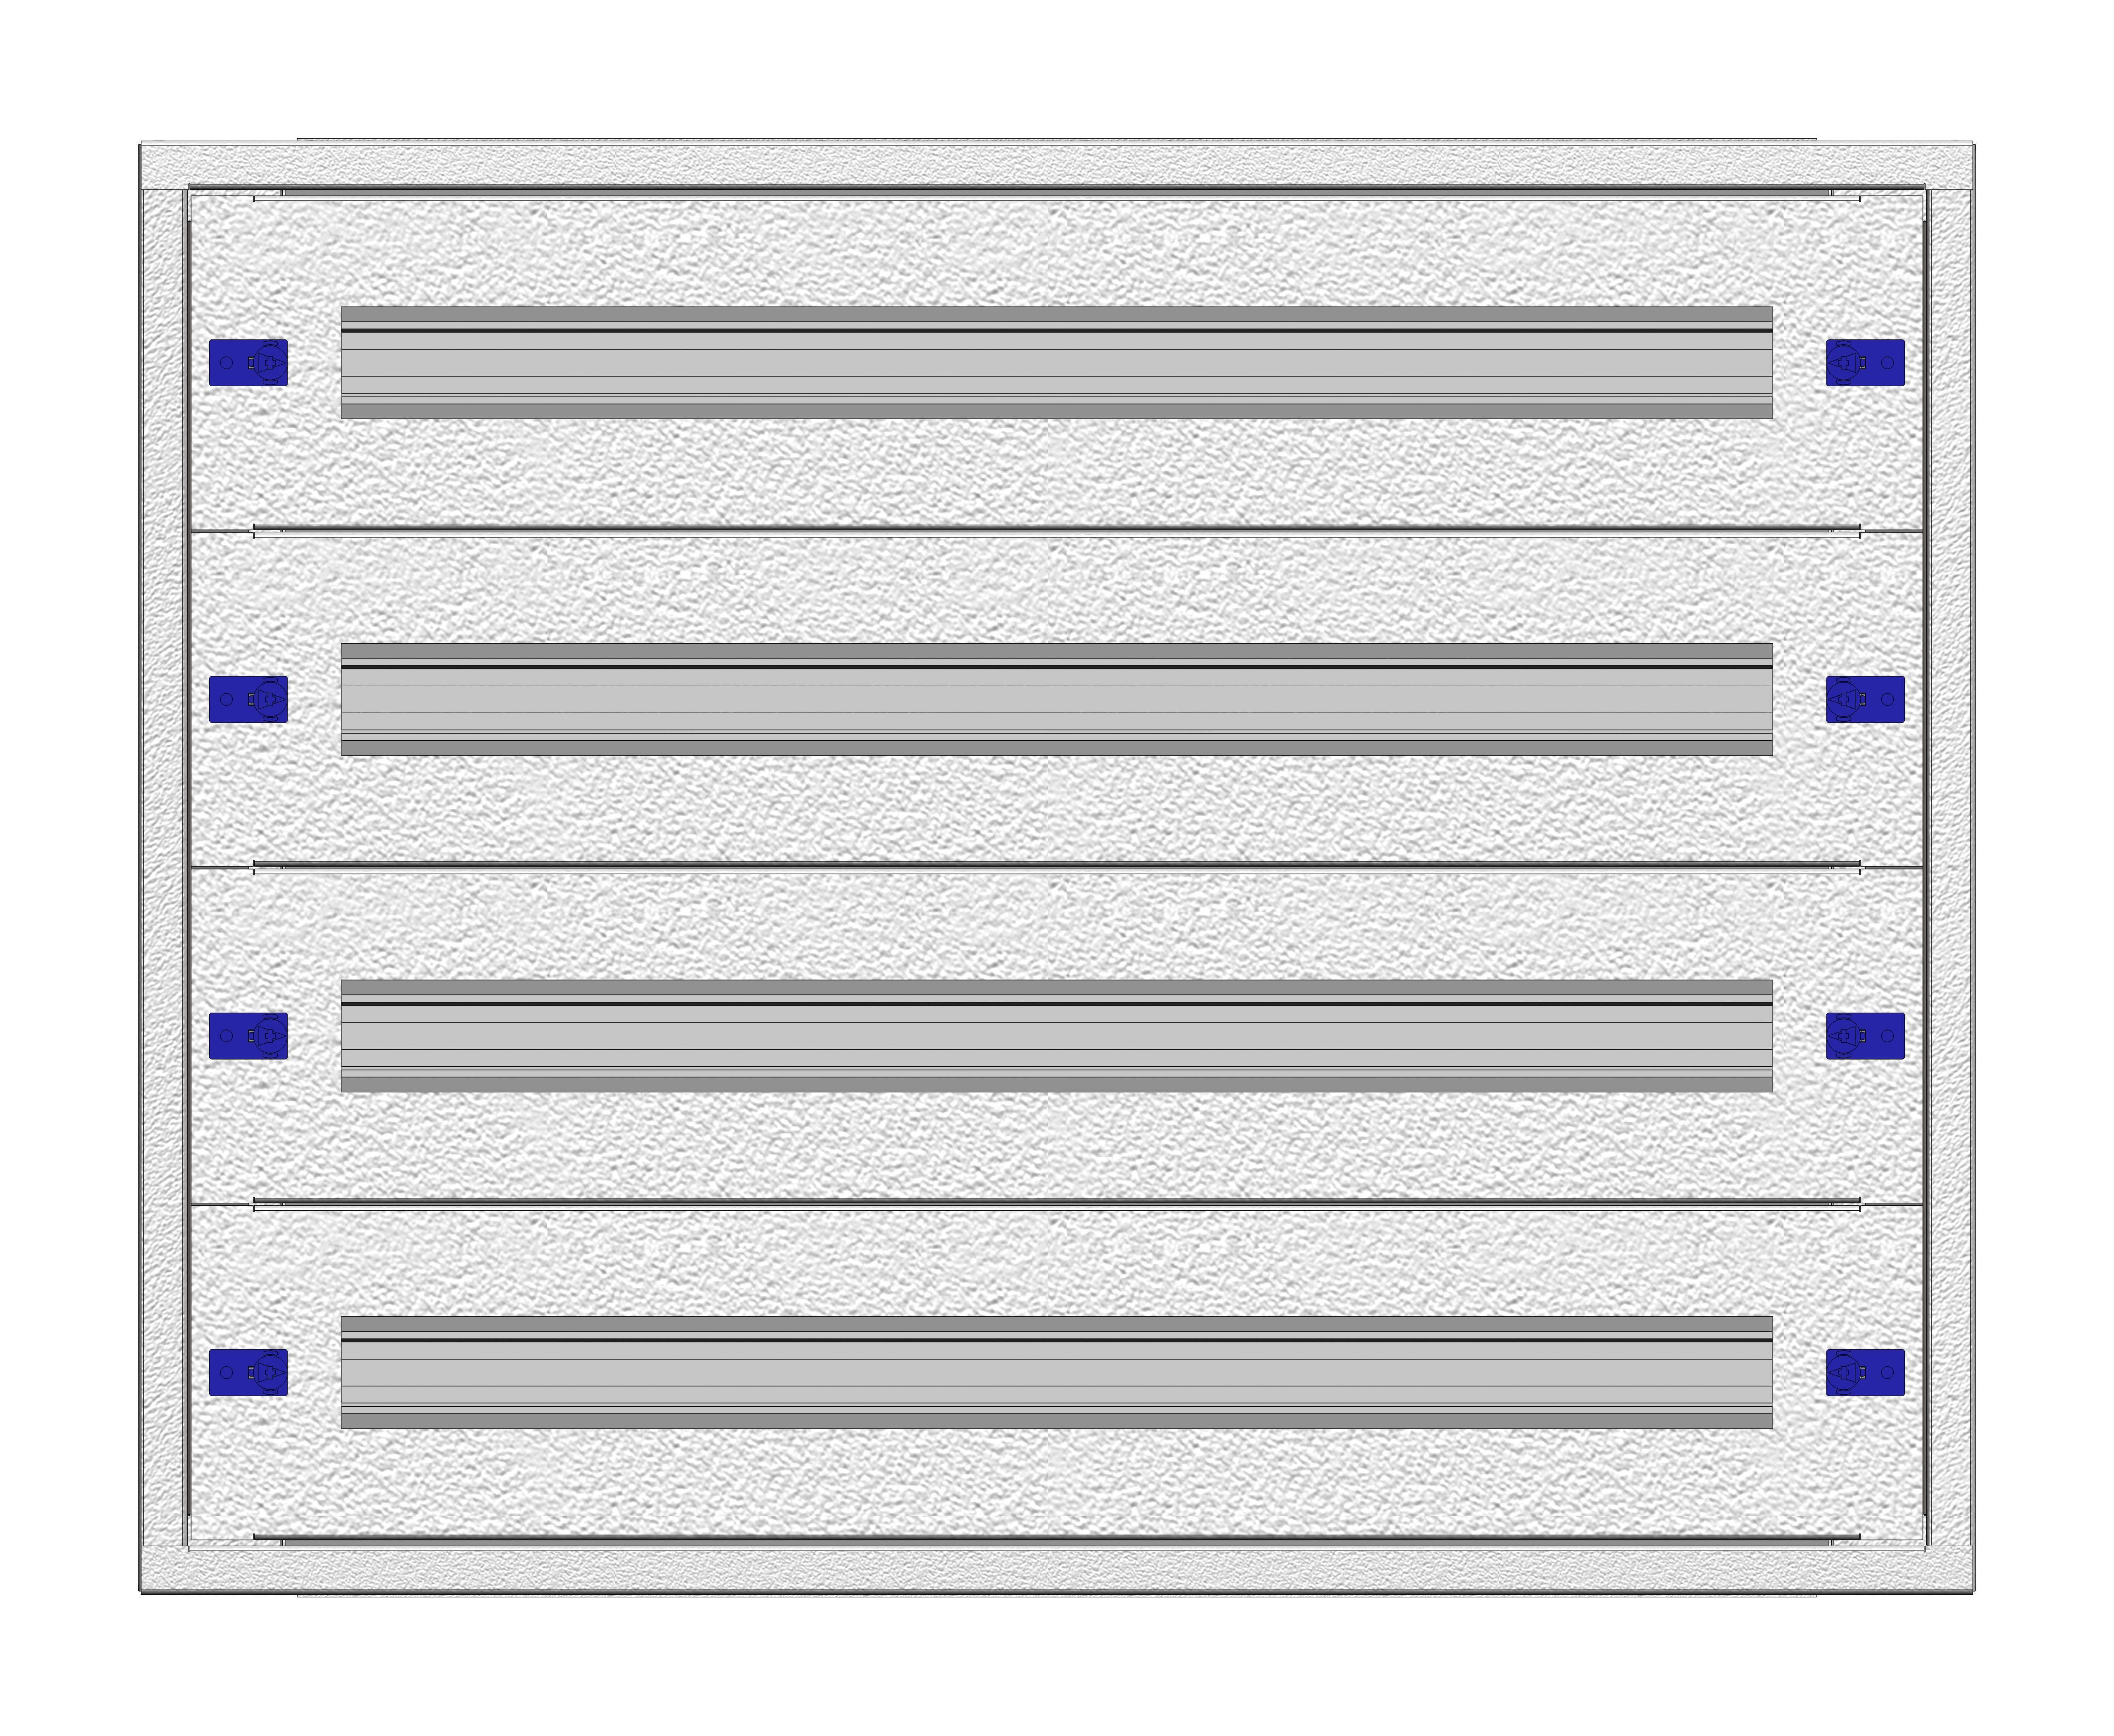 1 Stk Installationsverteiler Einsatz 3-12K, 4-reihig, Stahlblech IL148312--